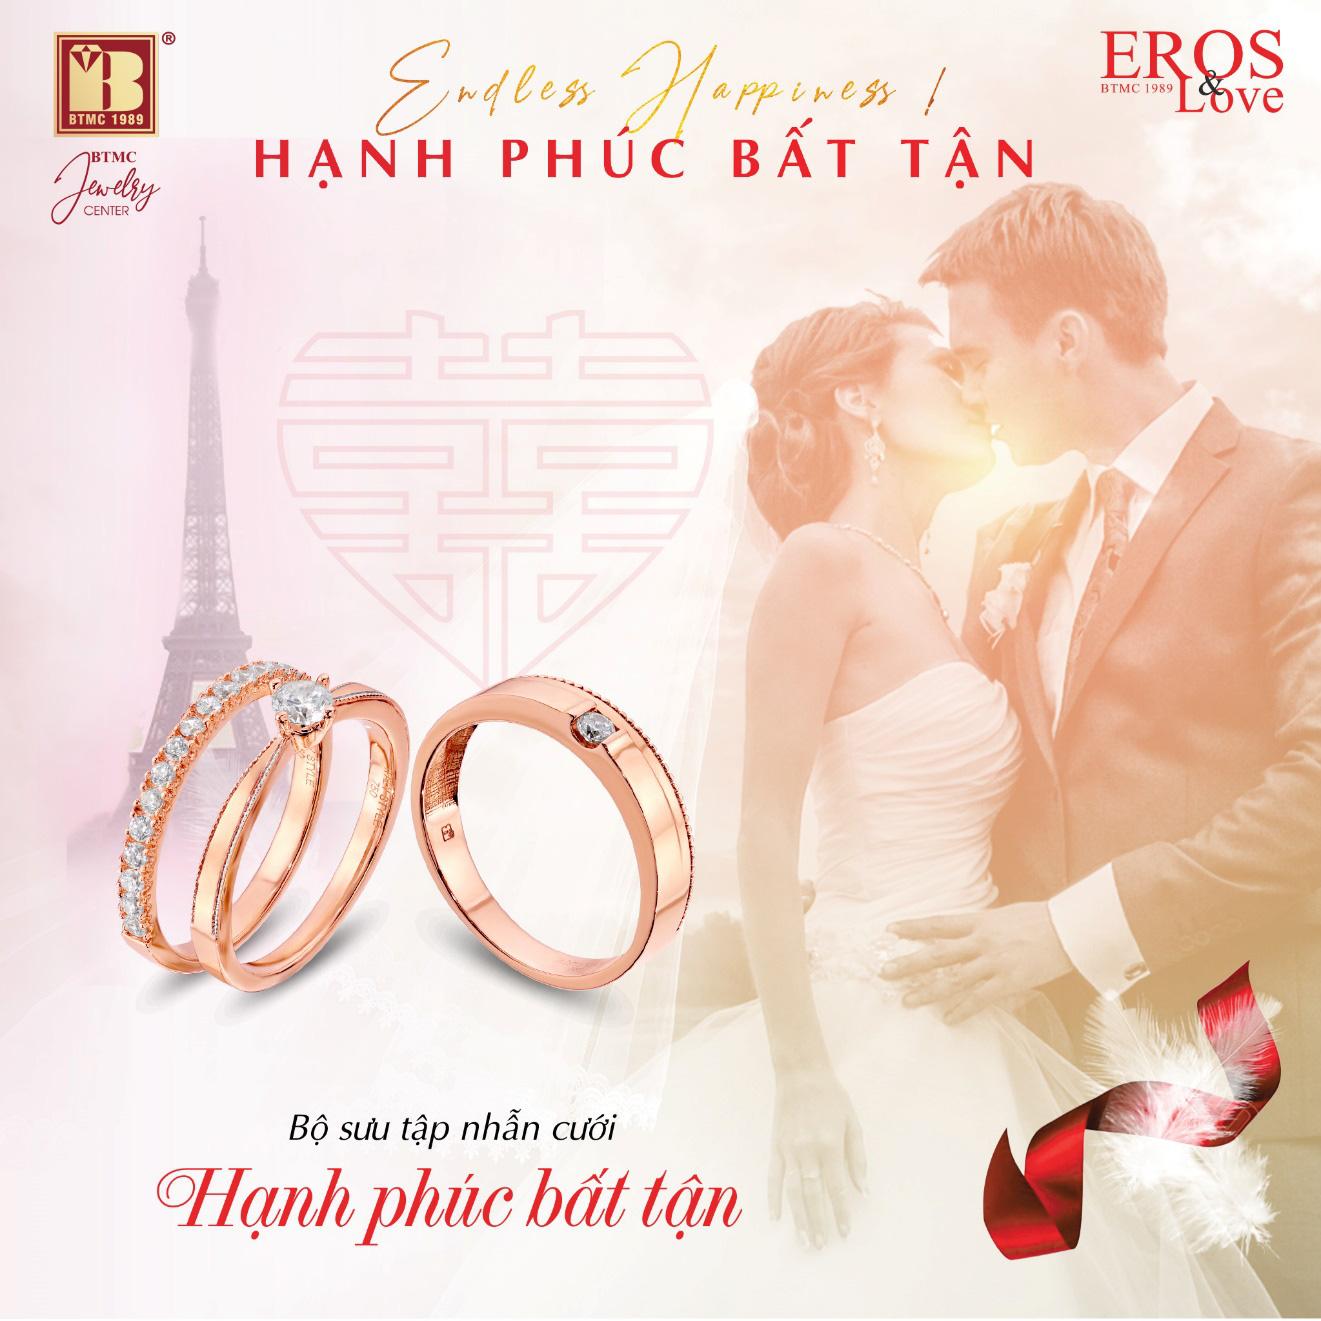 """""""Hạnh phúc bất tận"""" cùng trang sức cưới Bảo Tín Minh Châu - Ảnh 2."""